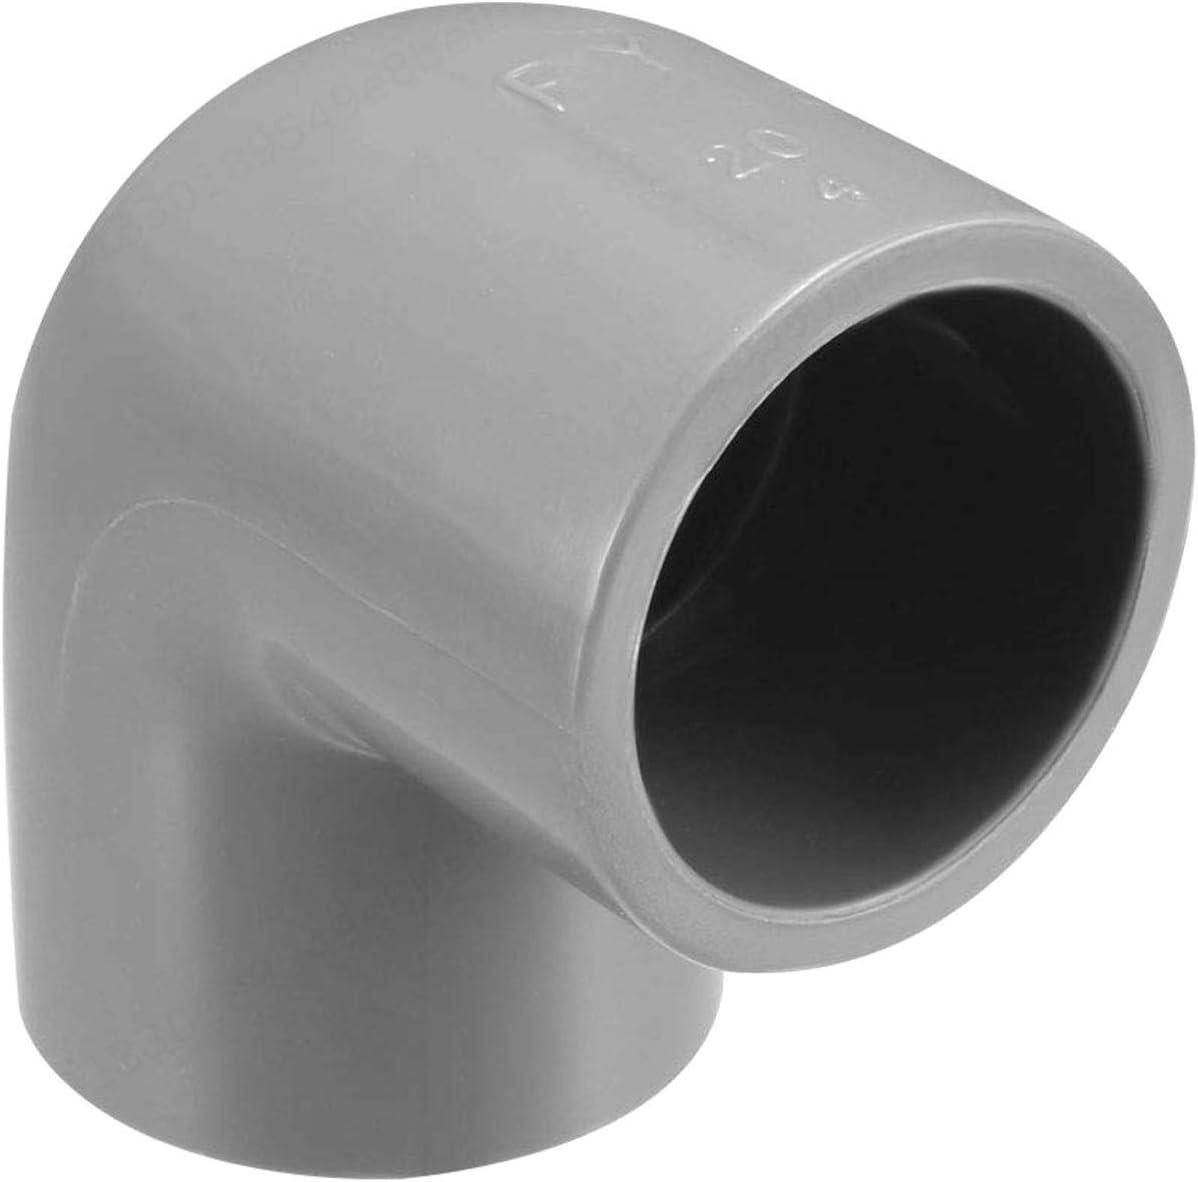 JOJOZZ Montage du coude Adaptateur daccouplement Gris 5 pi/èces de Tuyau en PVC Coude 20 mm Slip 90 degr/és